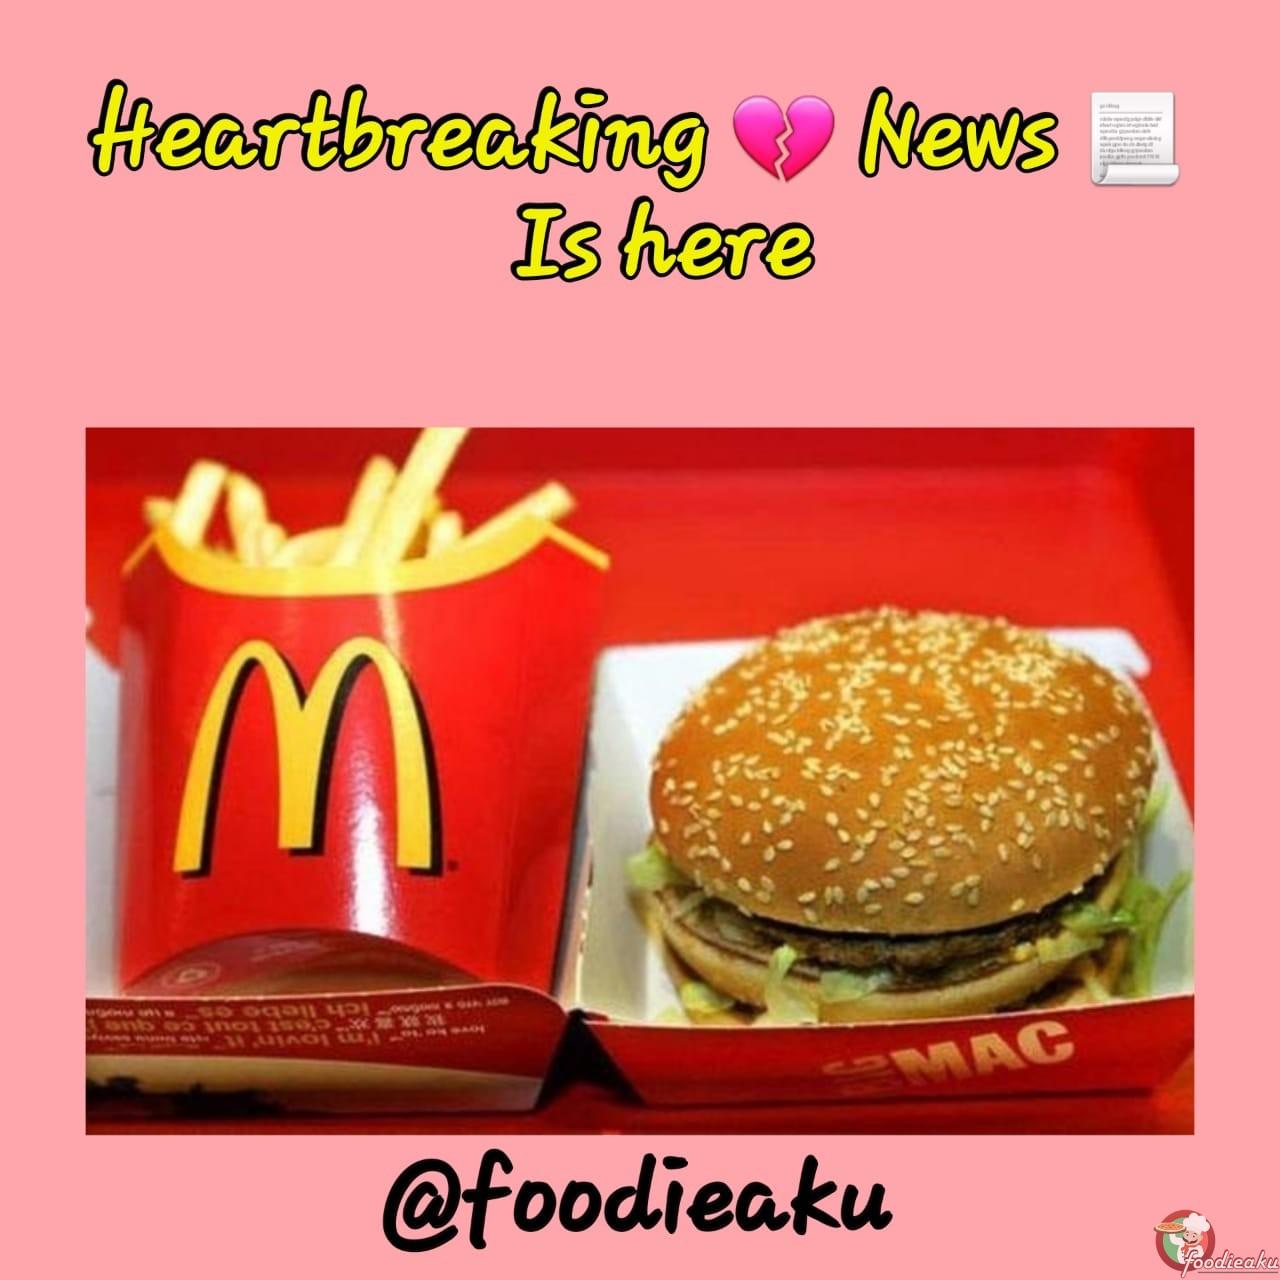 Heartbreaking food news for burger lovers: foodieaku